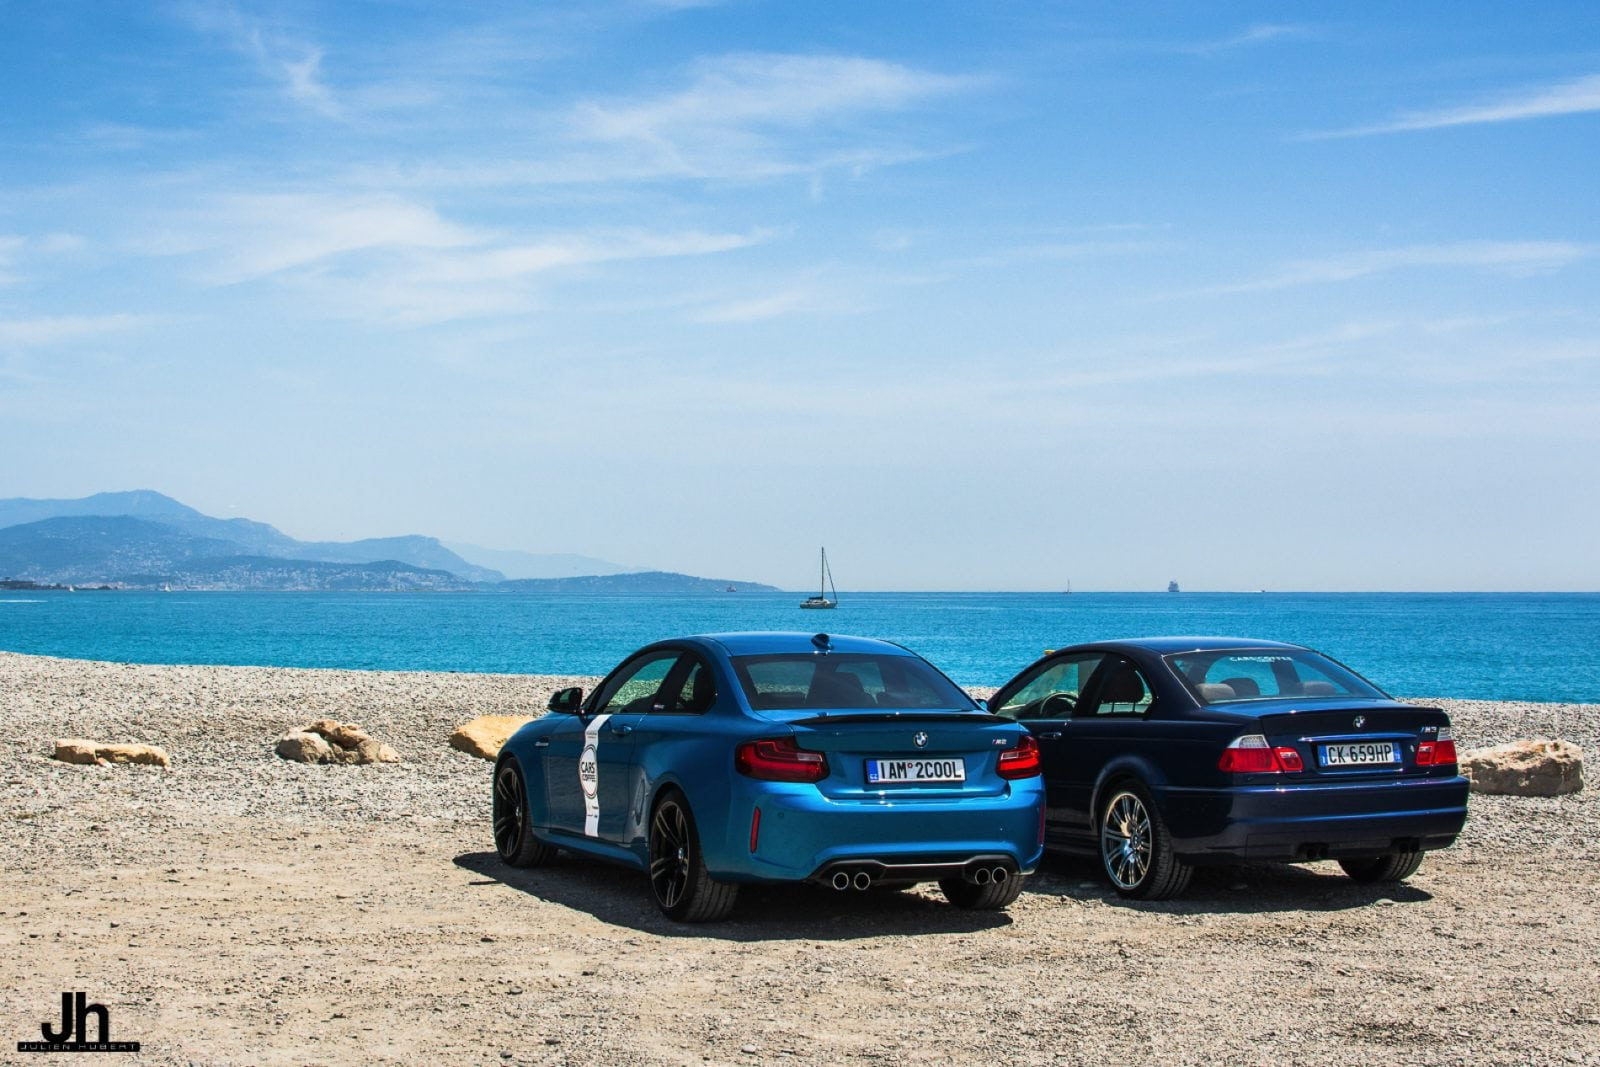 BMW M3 E46 и BMW M2 в отличном фотосете от Julien Hubert Photographie